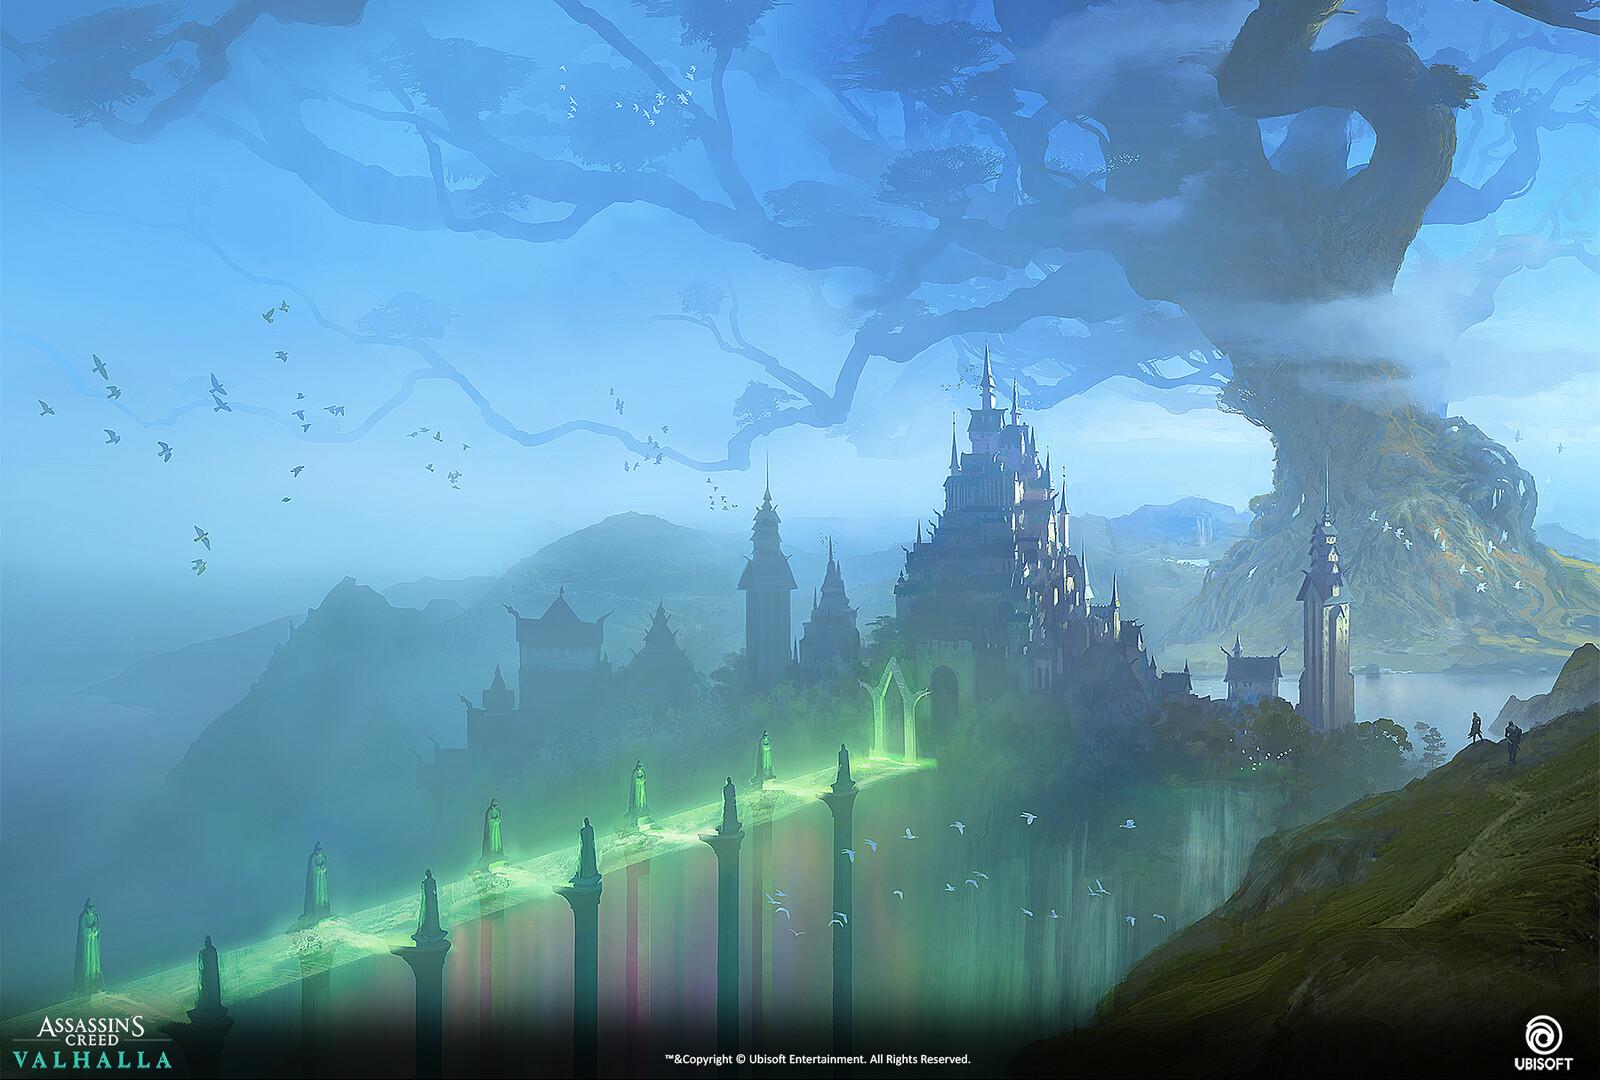 Asgard design, larger view.